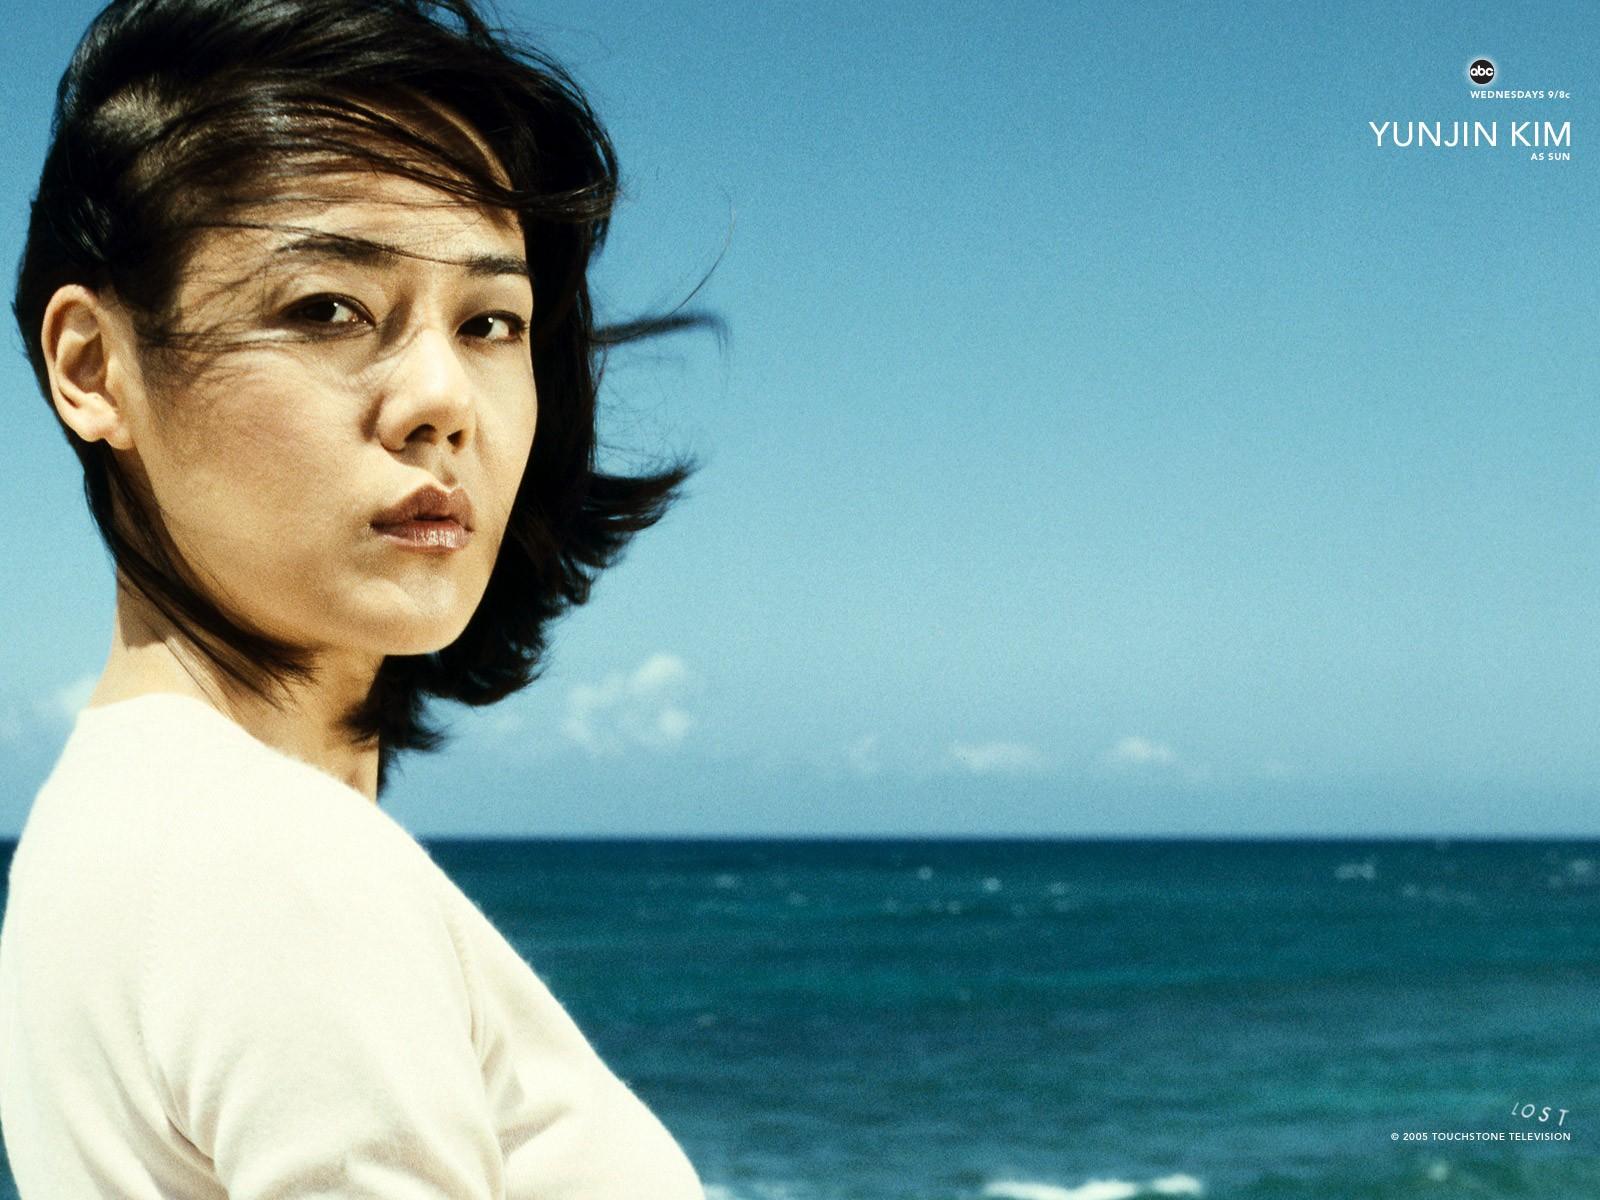 Un wallpaper di Yunjin Kim per la stagione 1 della serie 'Lost'